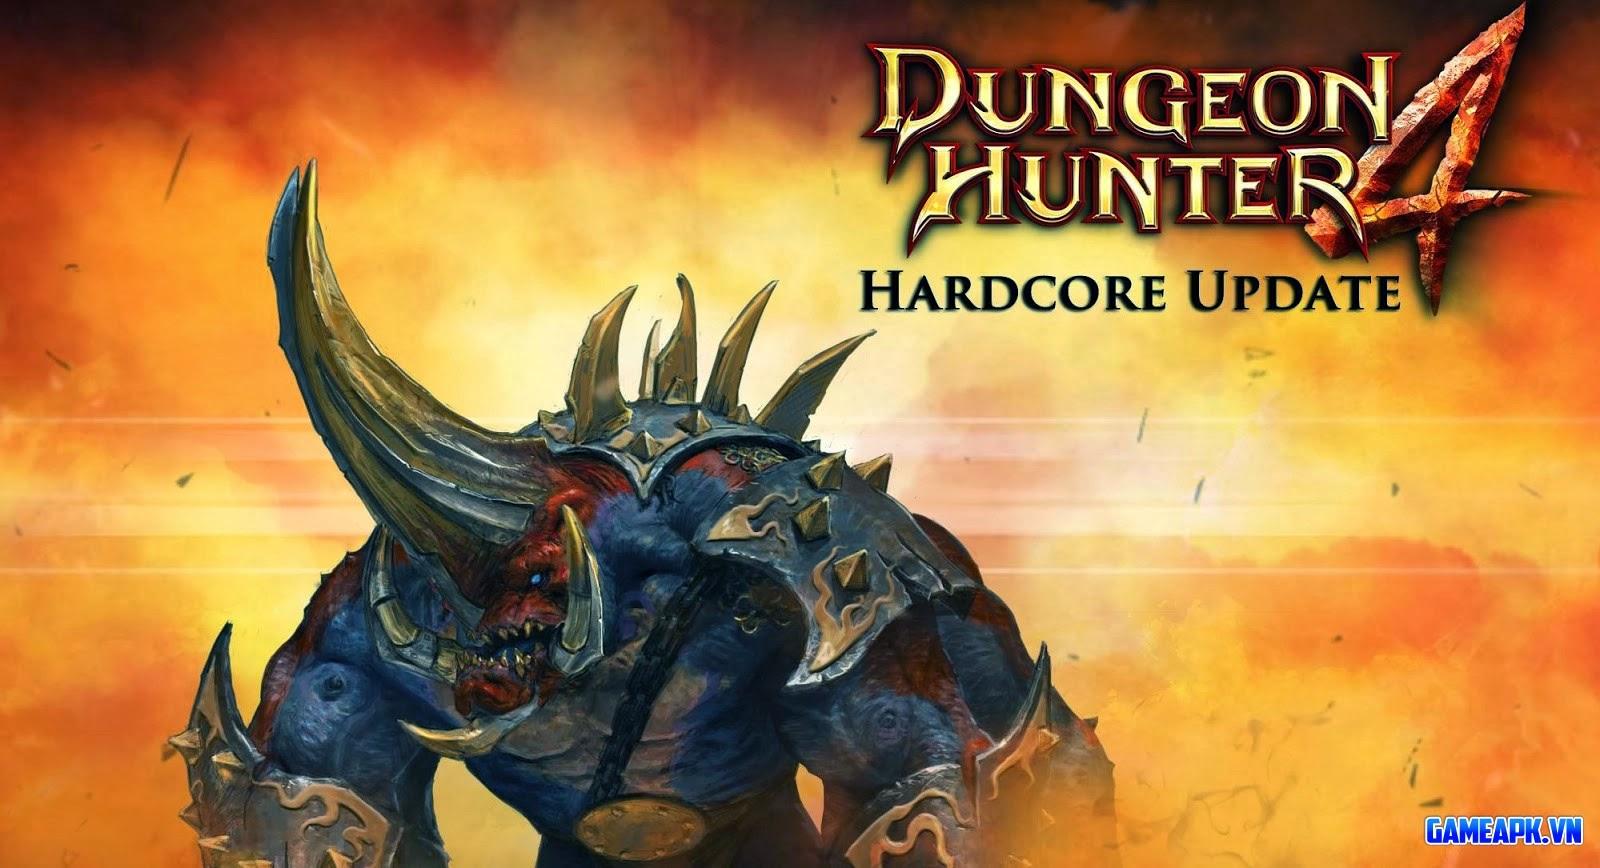 Dungeon Hunter 4 v1.7.0r hack full vàng và đá quý cho Android